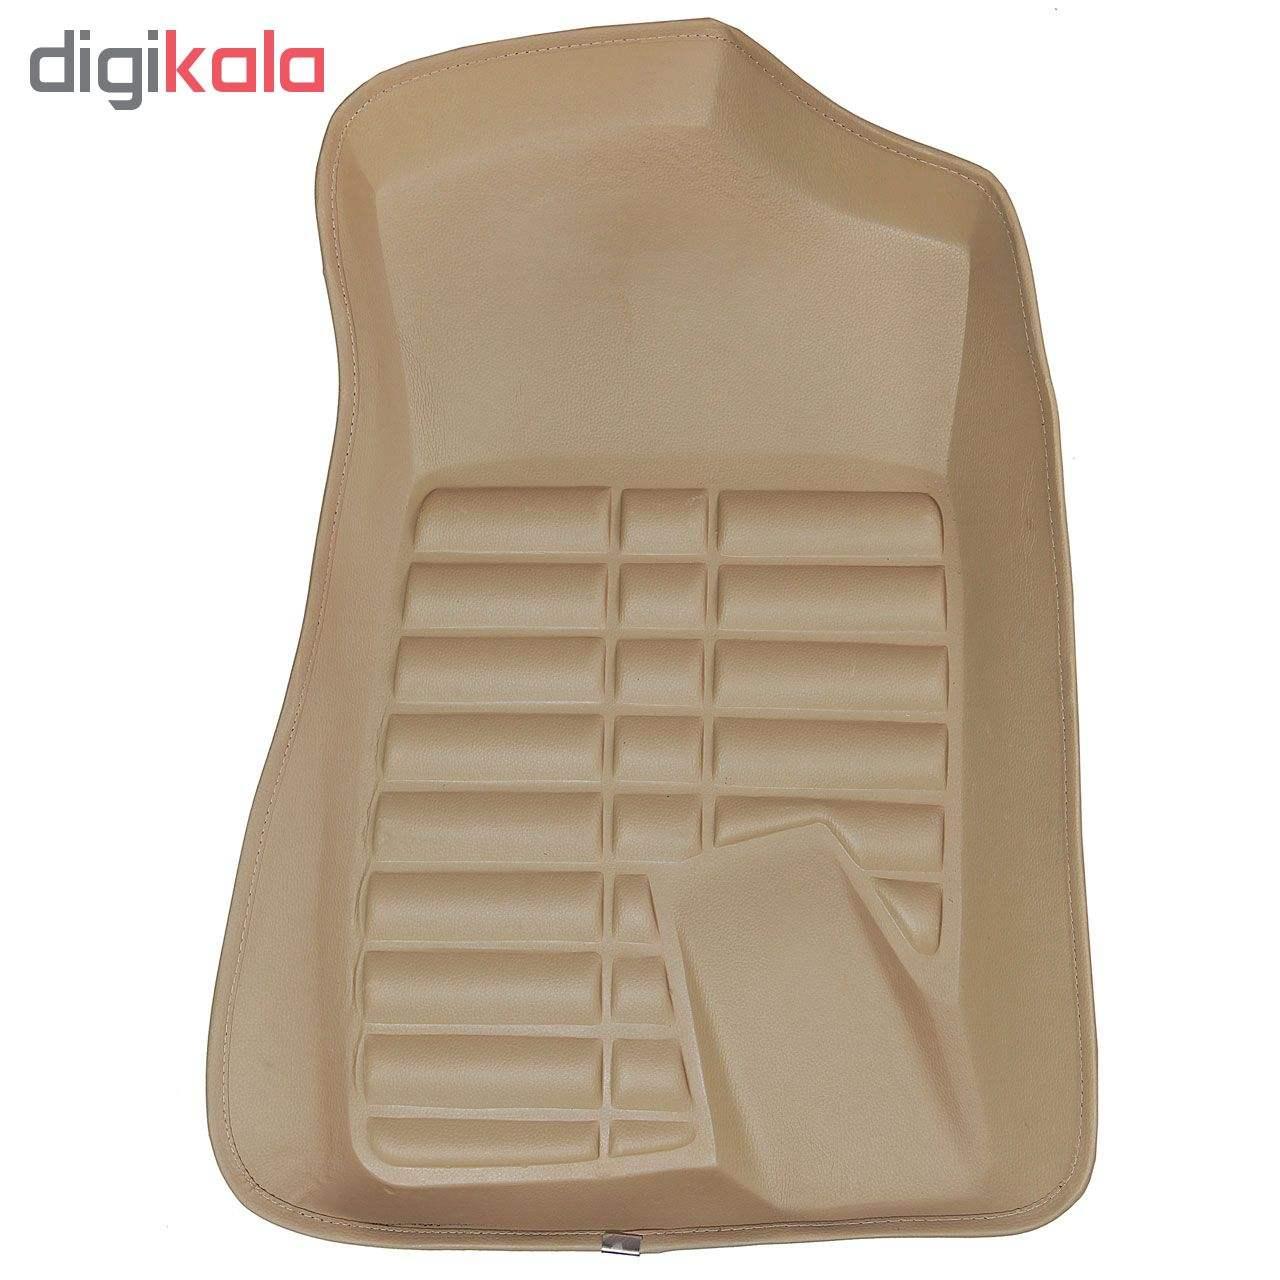 کفپوش سه بعدی خودرو مدل پالیز مناسب برای دنا-سمند-پژو 405-پارس thumb 3